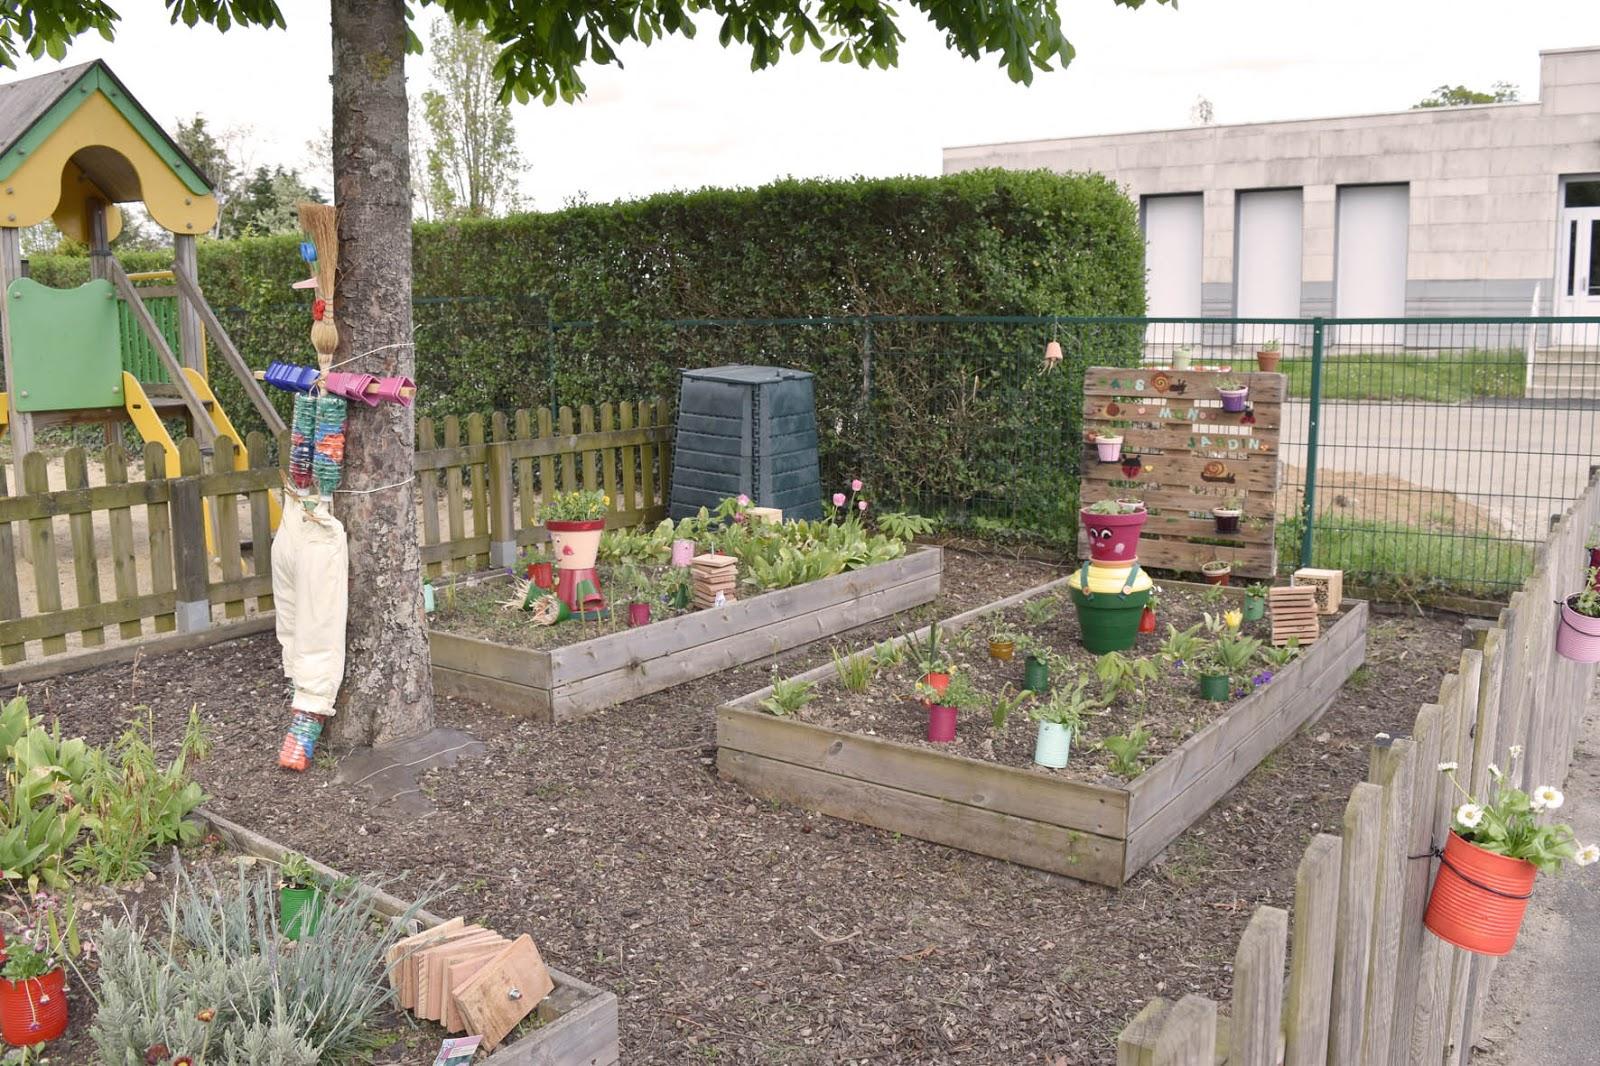 Association des parents d 39 l ves des coles publiques de for Le jardin voyageur maternelle